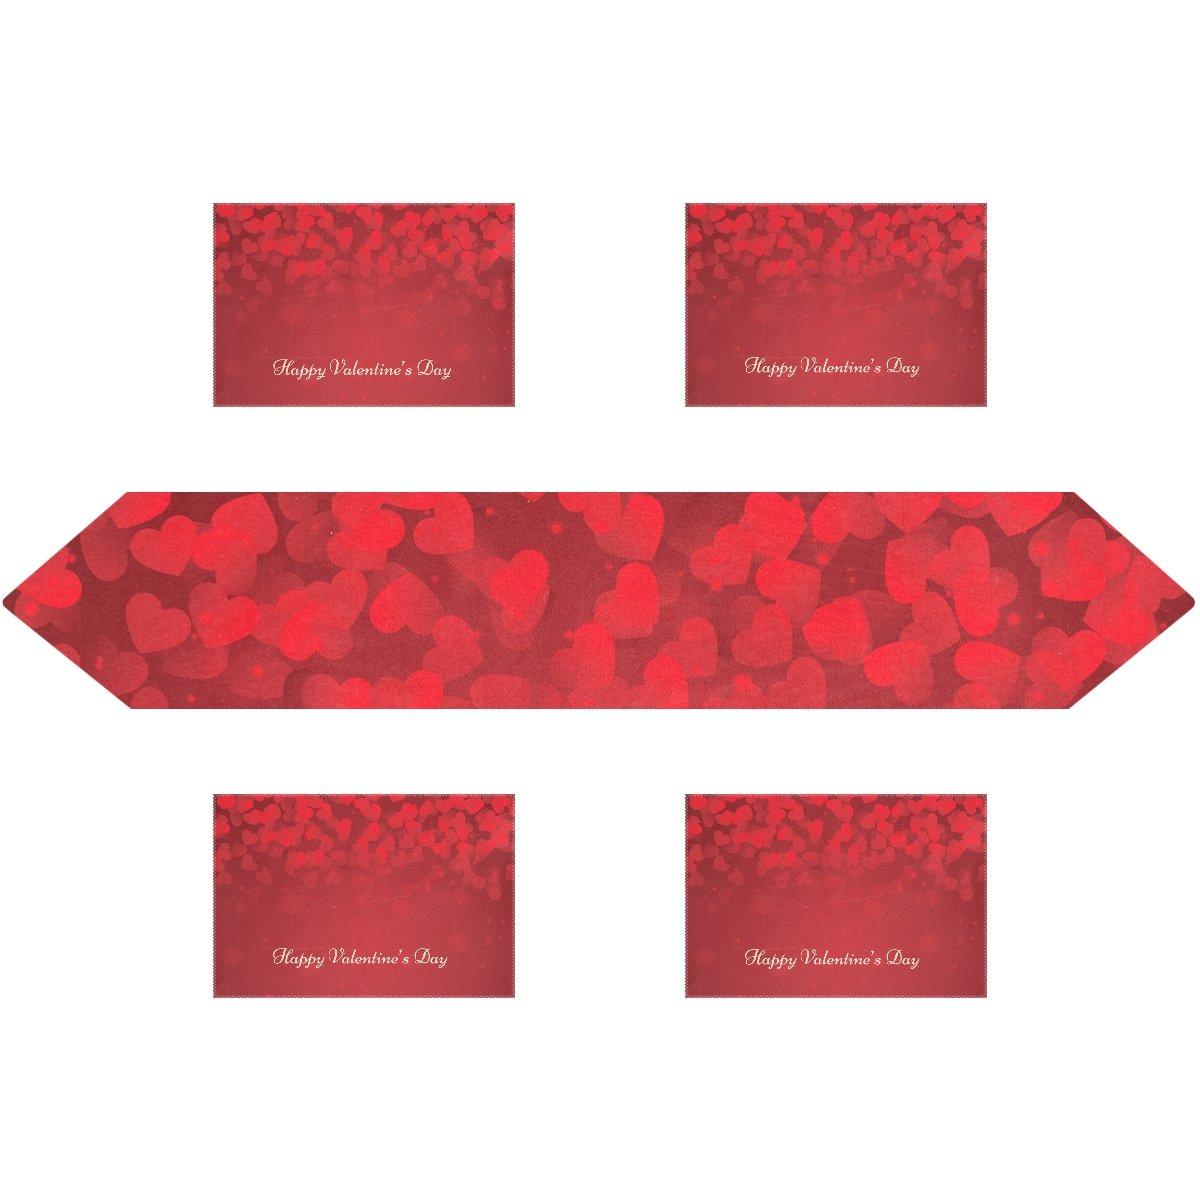 Happy Valentine 's Day長方形テーブルランナー13 x 70インチwithプレースマットテーブルマット12 x 18インチの4のセット、結婚式、パーティー、ディナー、夏&ピクニックの国アウトドアホーム装飾、 13x70(in) & 12x18x4(in) ホワイト g2463765p172c202s295 13x70(in) & 12x18x4(in)  B0792RXCV6